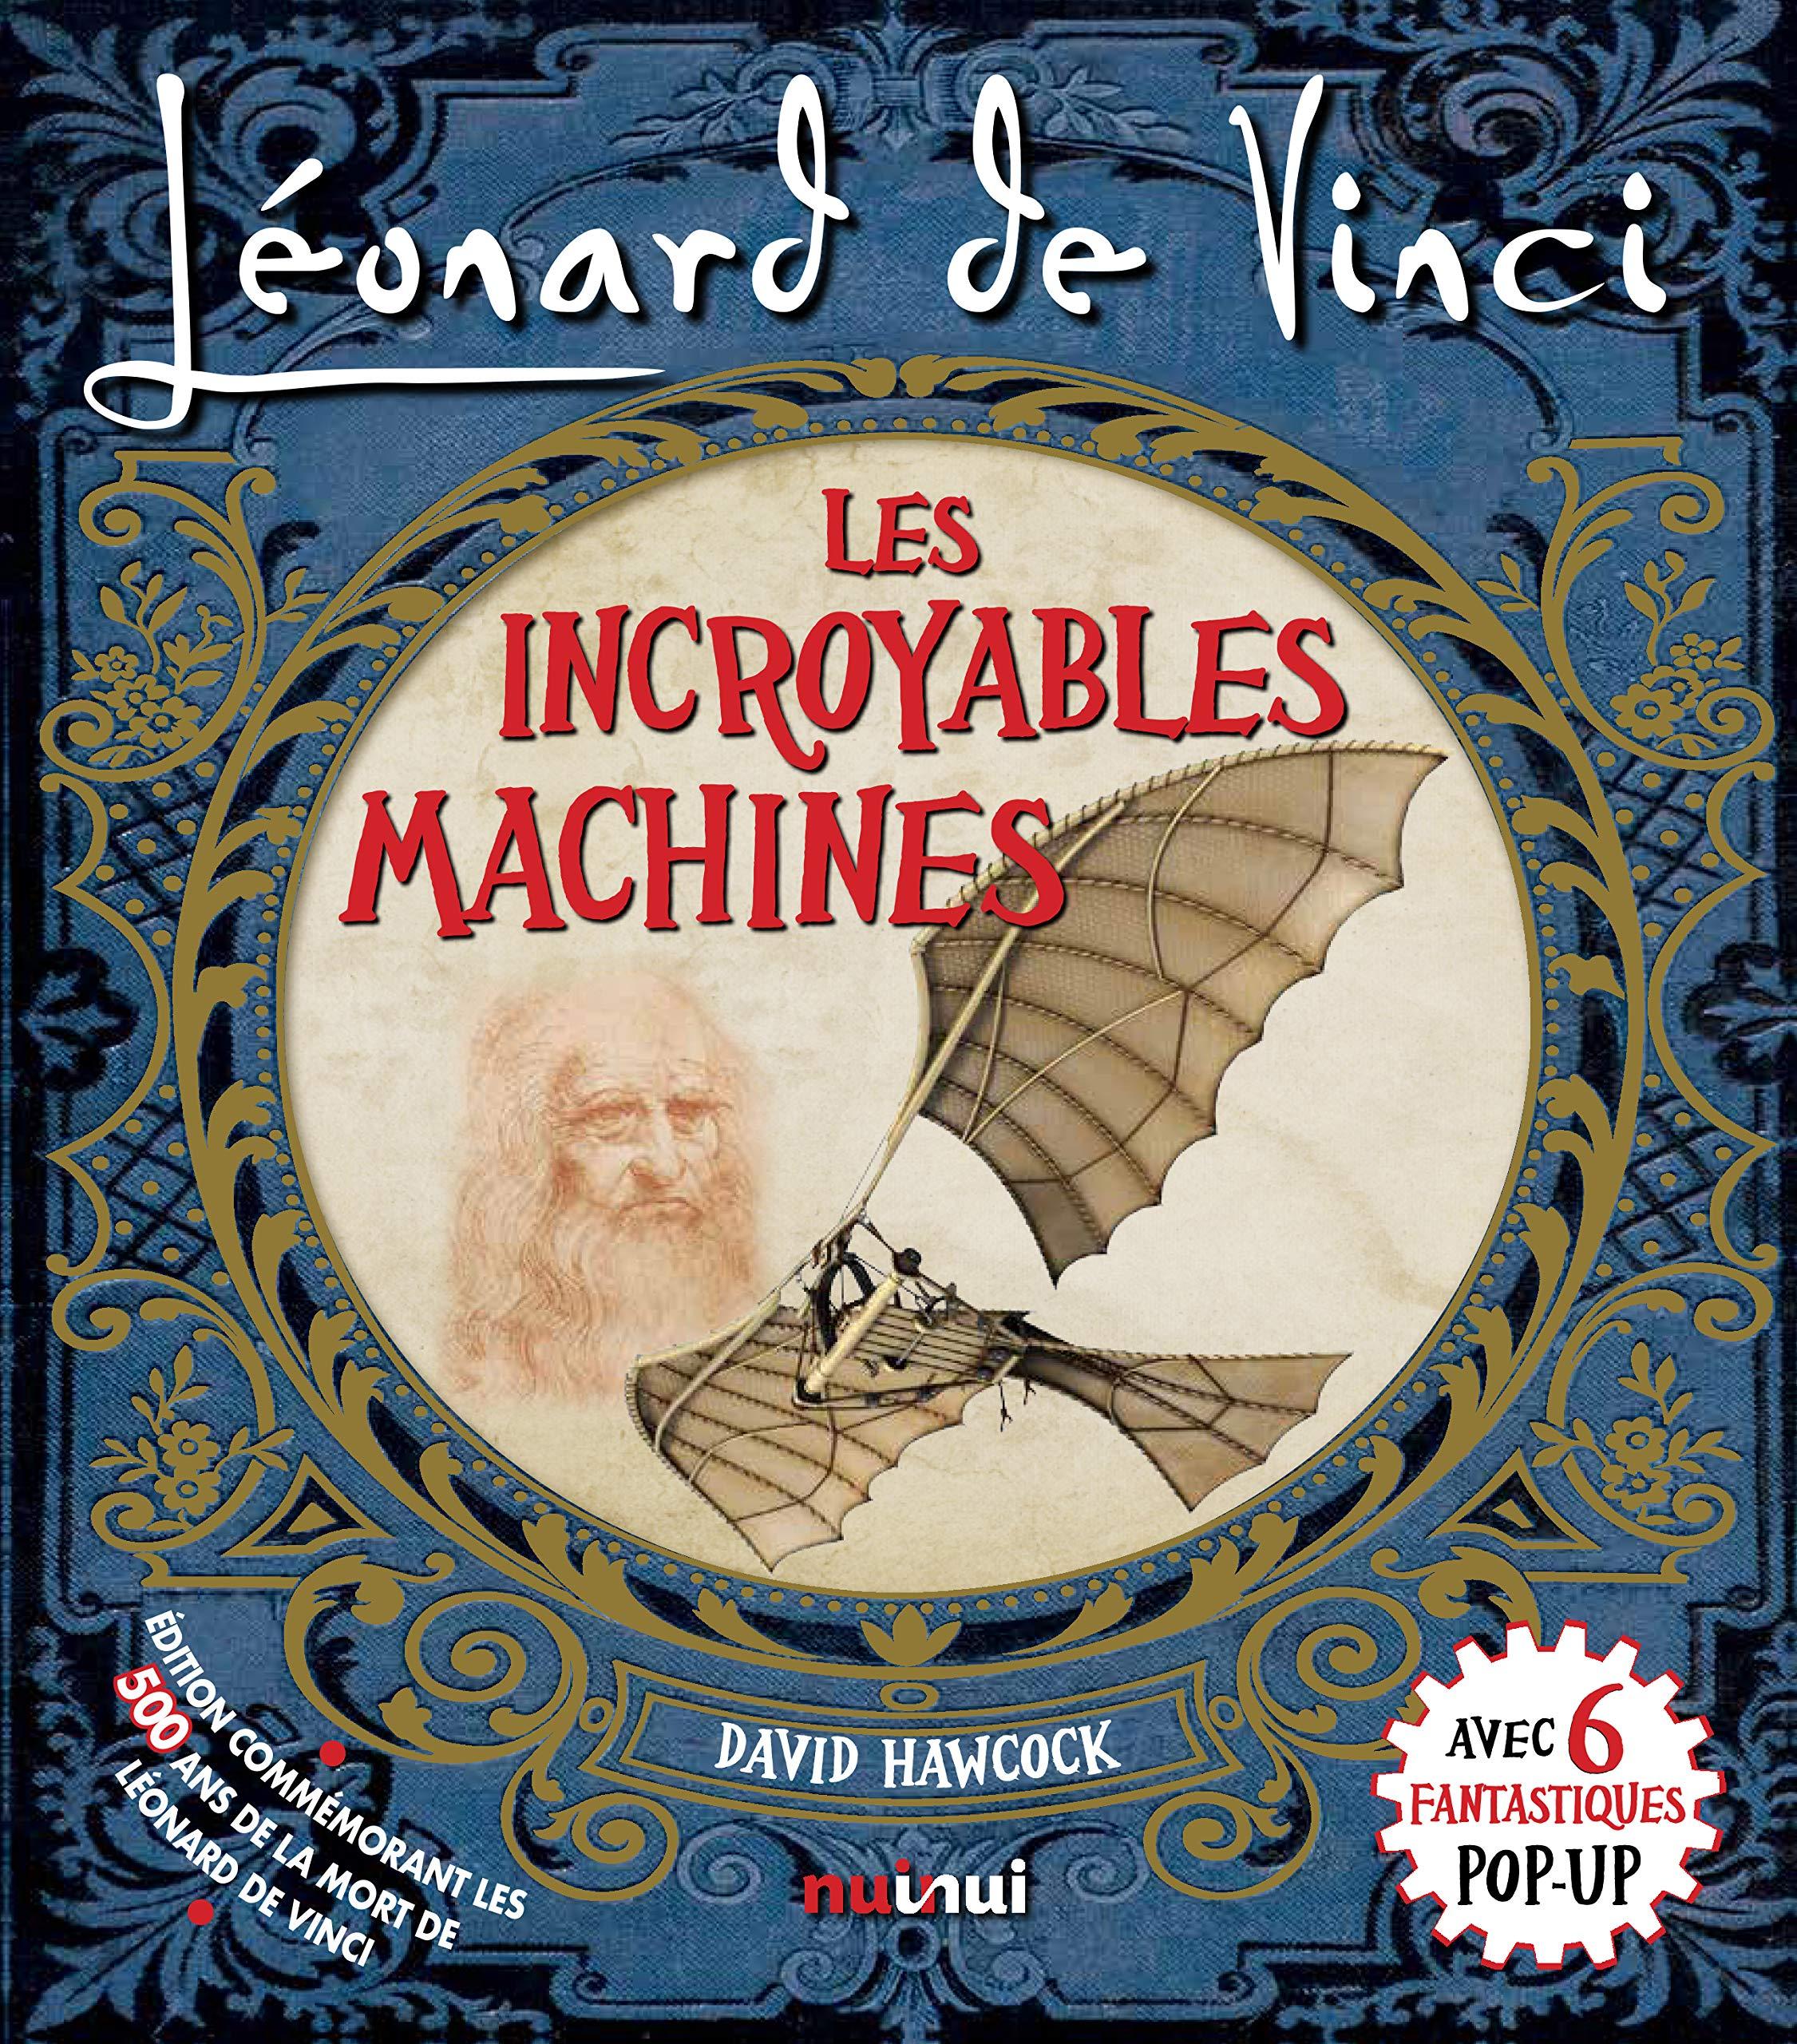 Léonard De Vinci - Les Incroyables Machines Album – 29 novembre 2018 David Hawcock Nuinui 2889357171 Albums animés